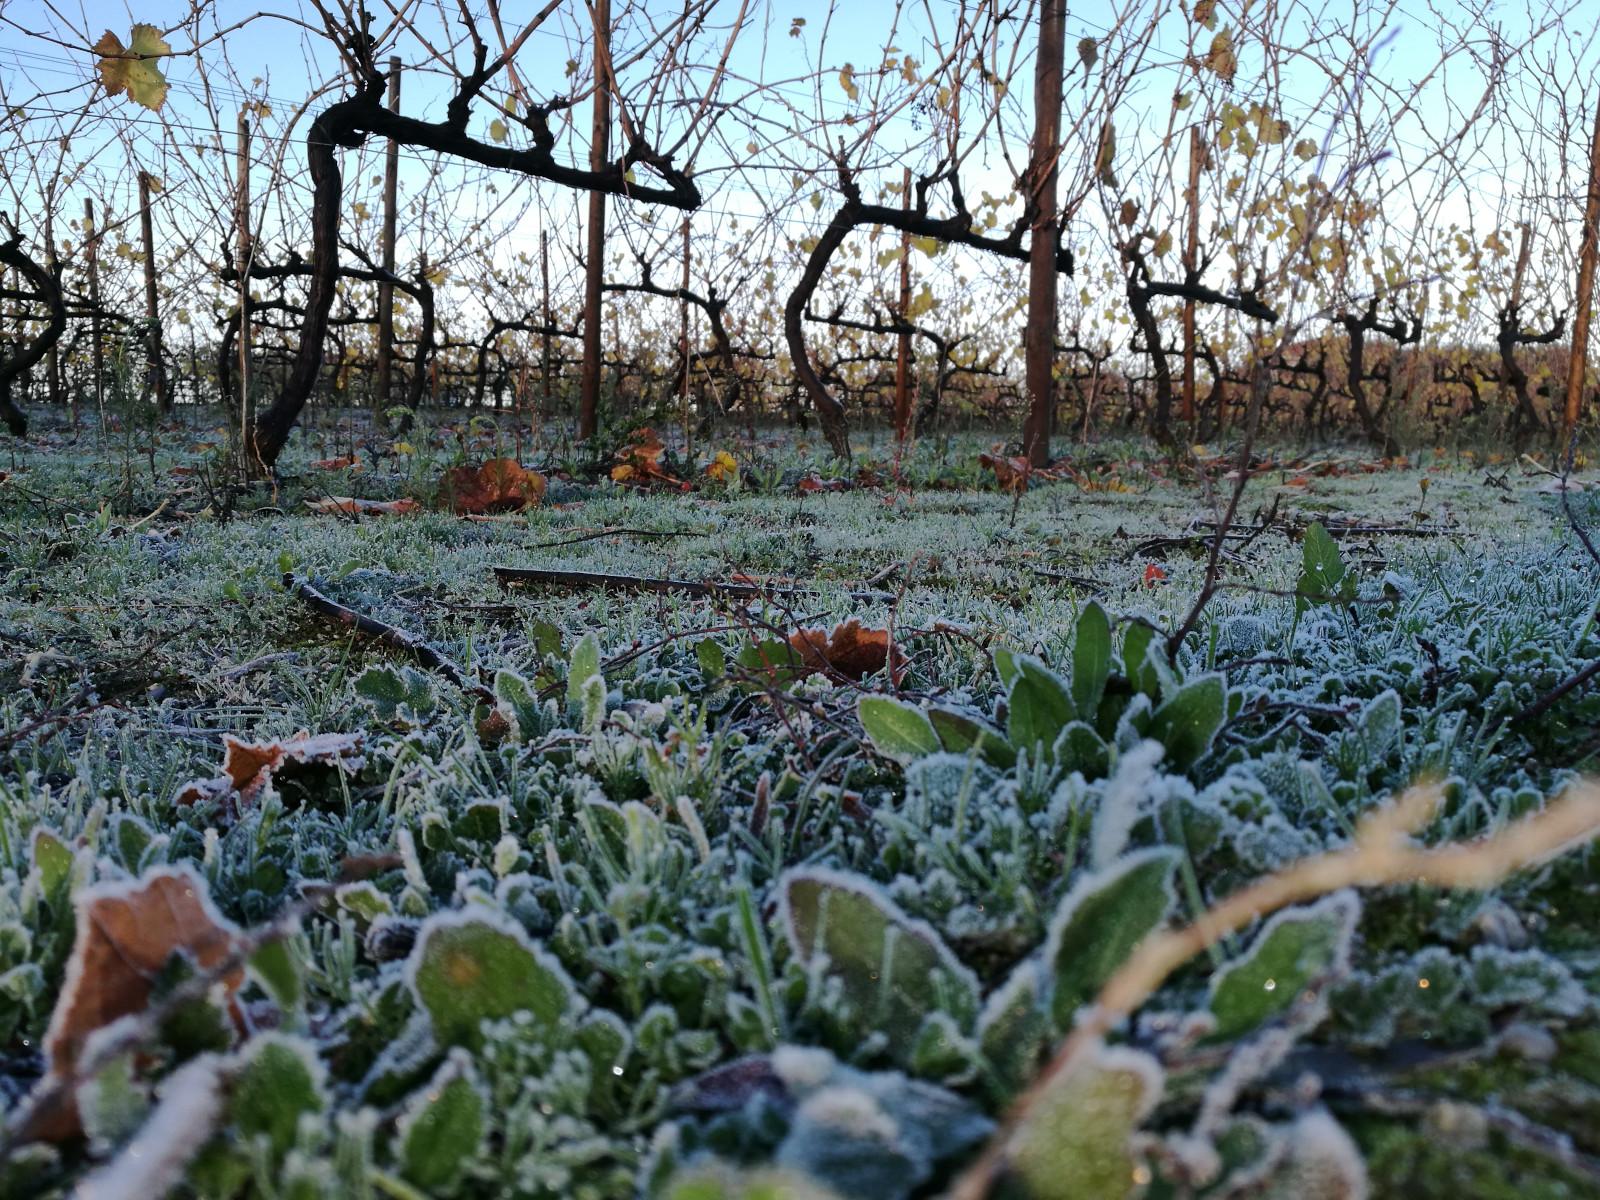 Geada manhã de inverno - Encruzado - Carvalhão Torto